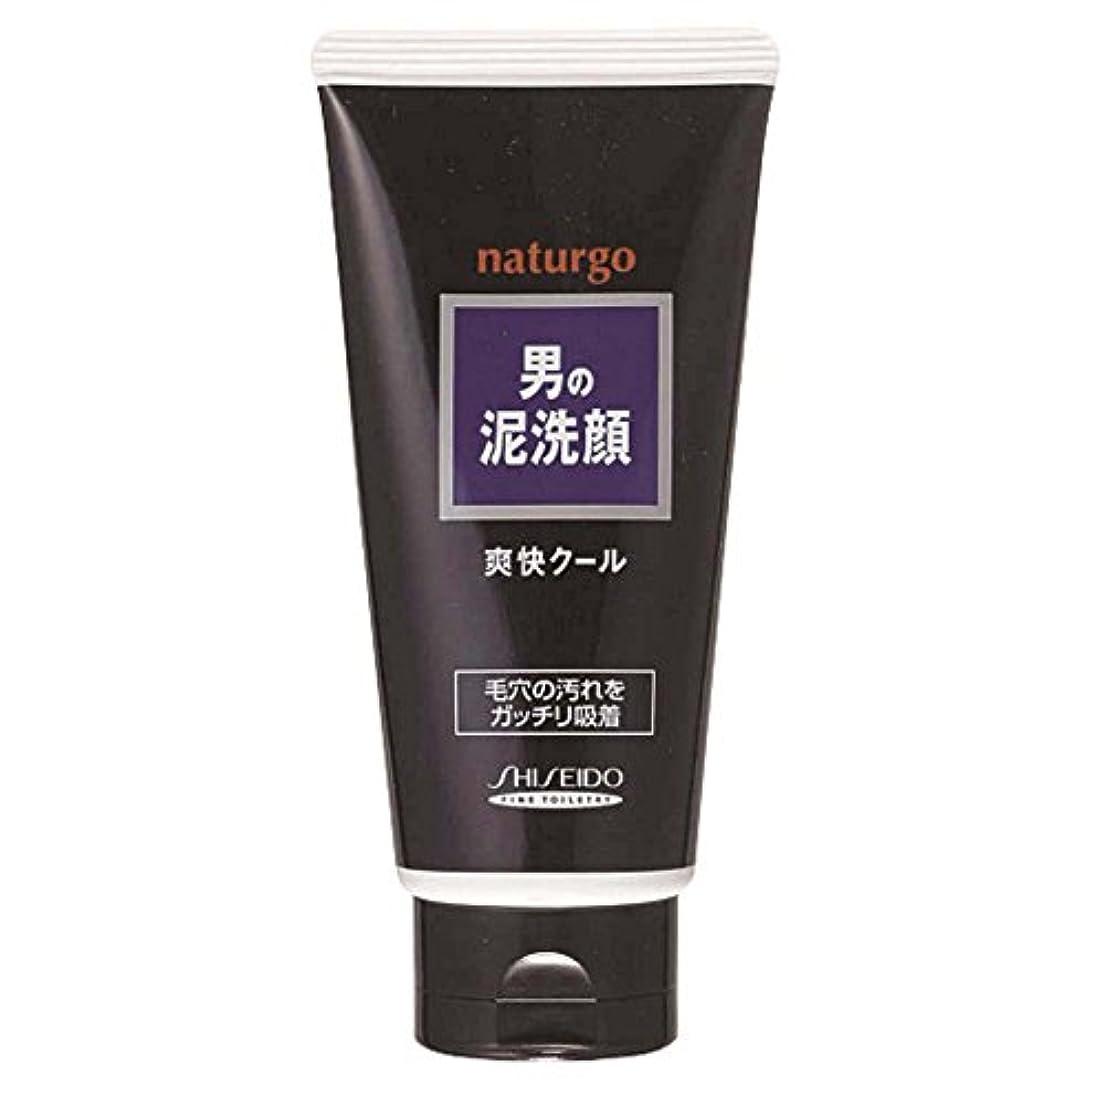 心配タクト憂鬱ナチュルゴ メンズクレイ洗顔フォーム黒 130g